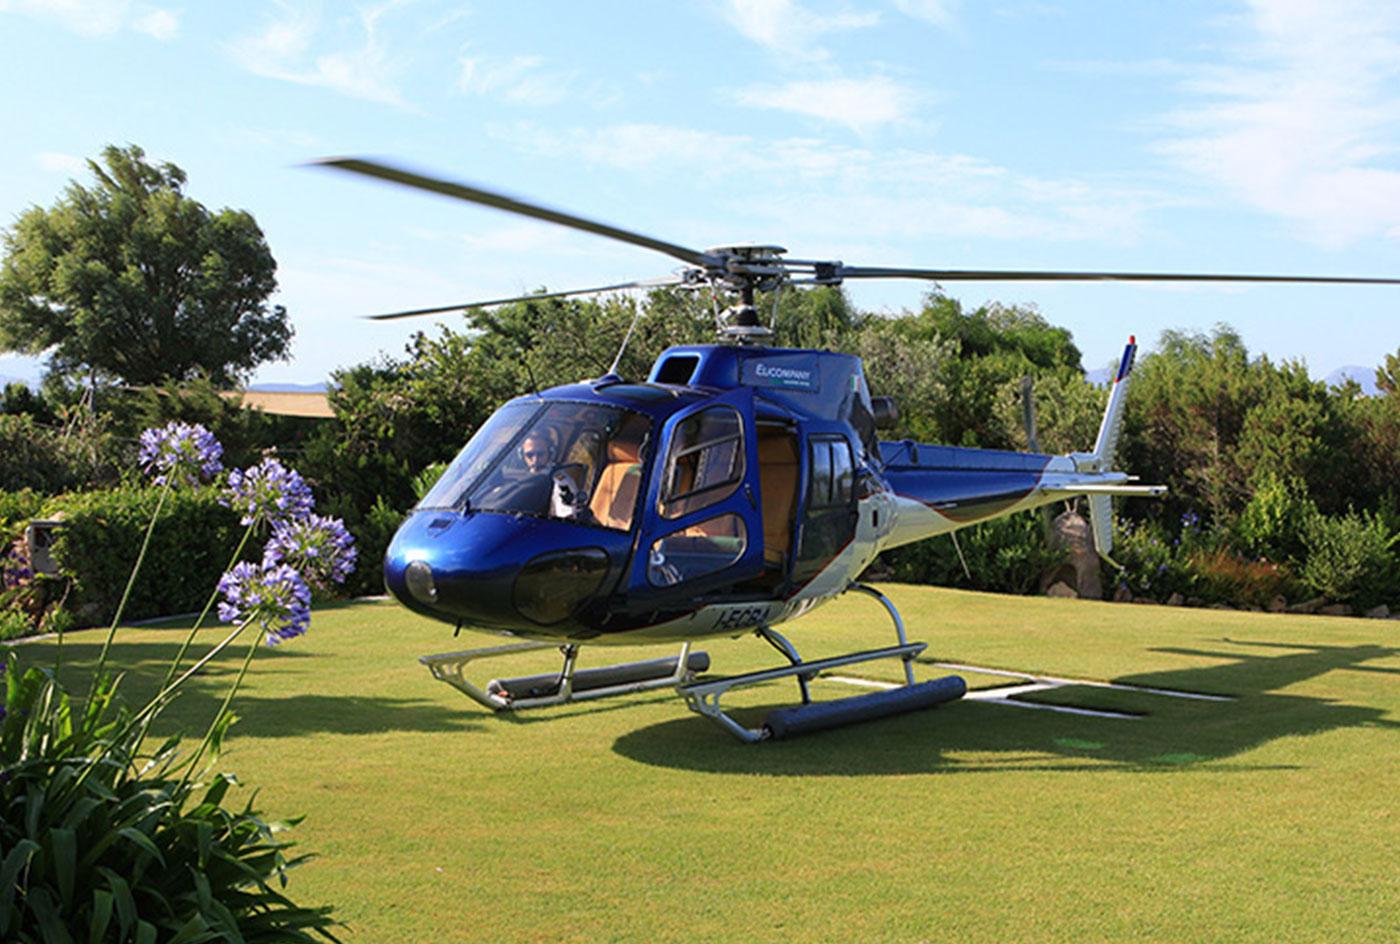 Elicottero Piccolo : Escursioni in elicottero hotel porto piccolo